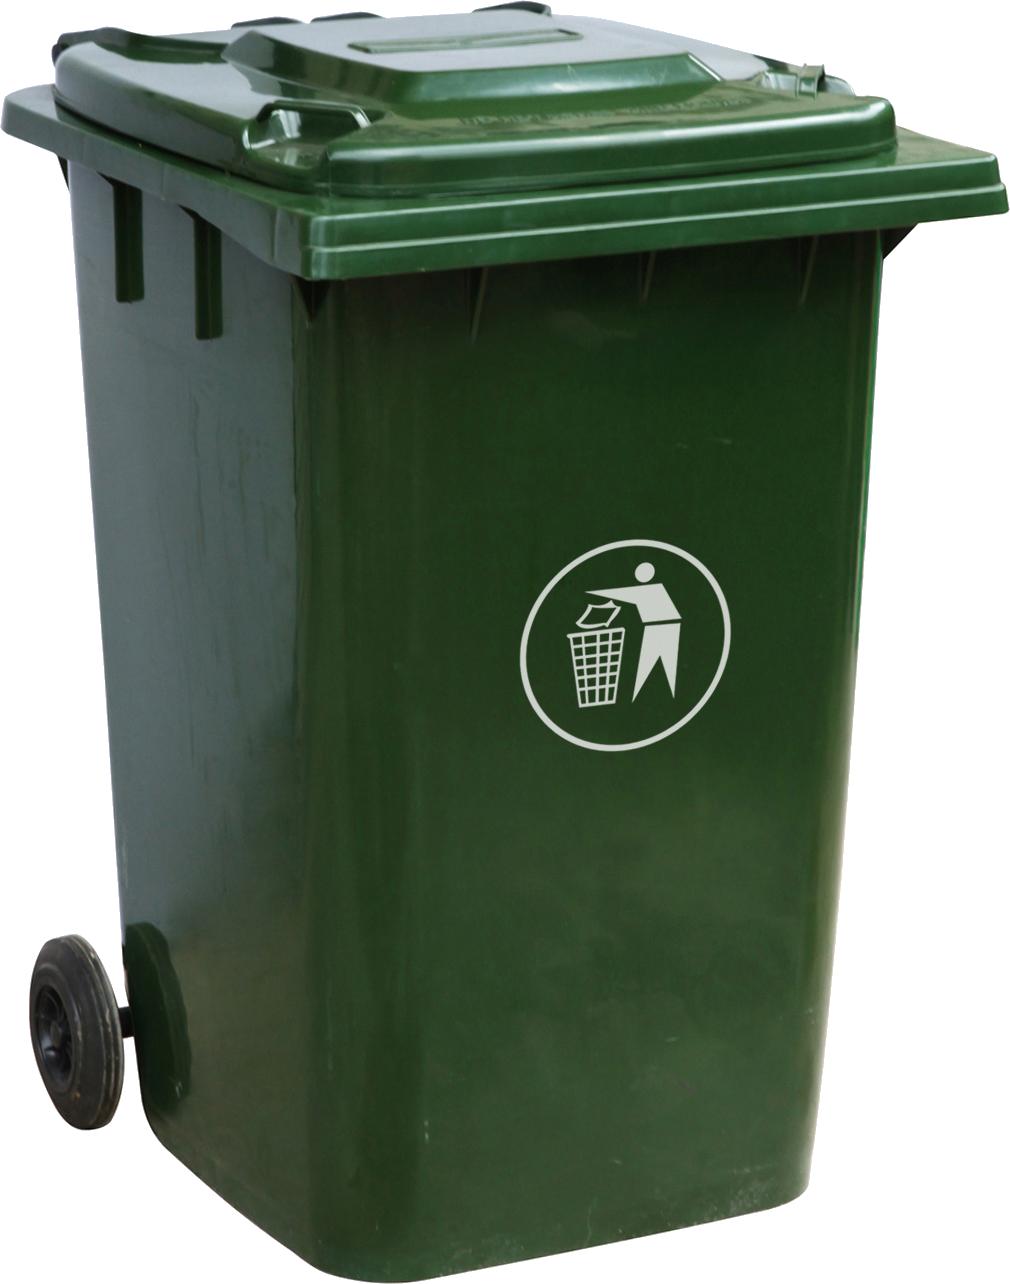 Trash can png transparent. Folder clipart bin